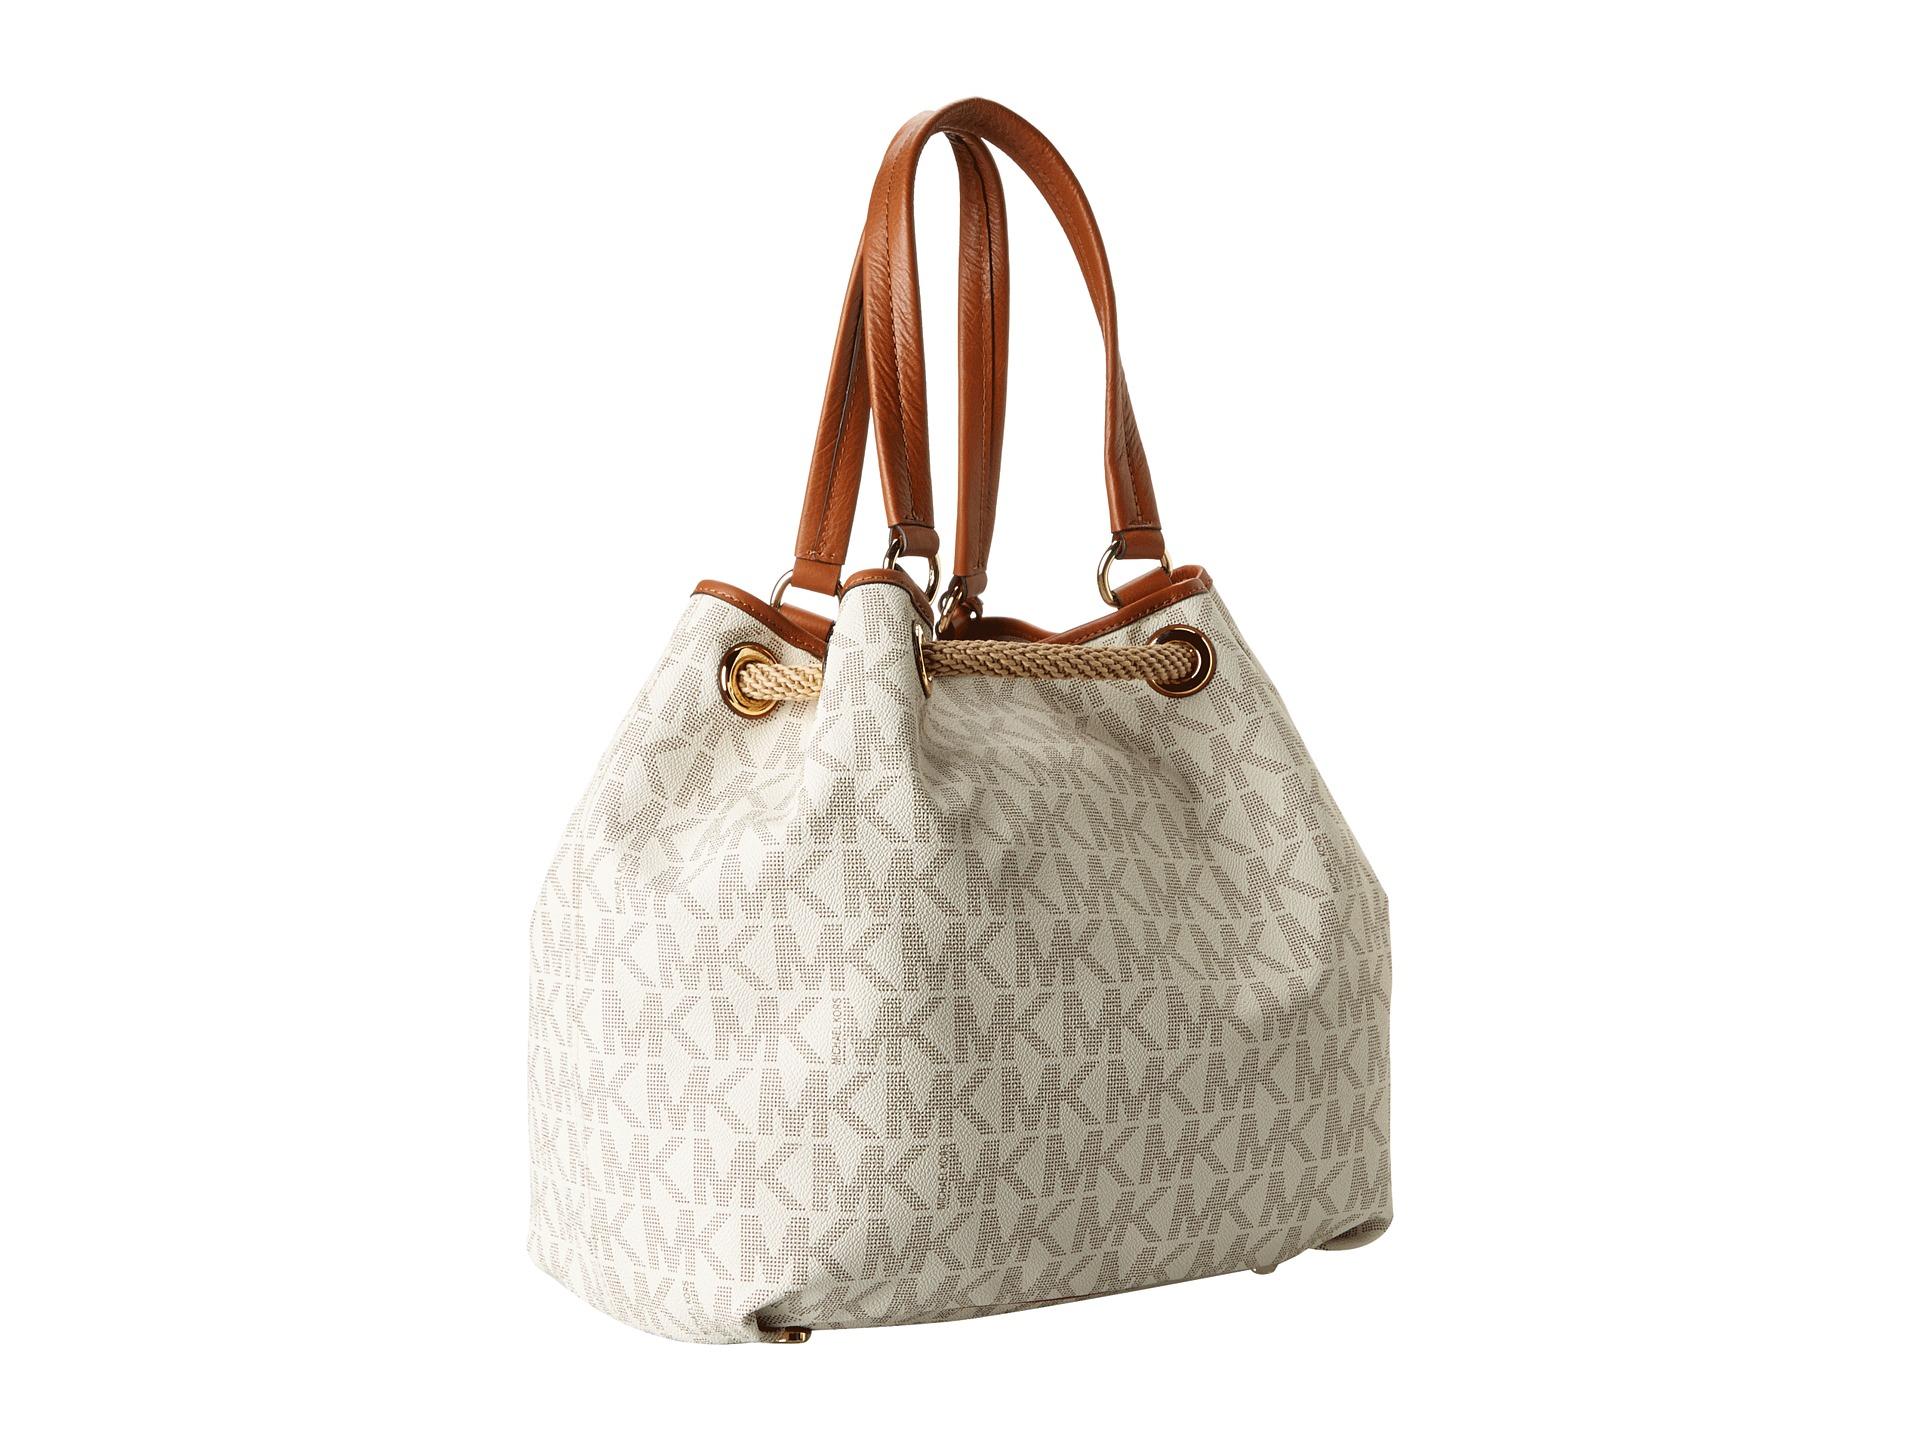 09384e789de5 Previously sold at Zappos · Womens Michael Kors Marina Michael Kors Marina  Large Grab Bag Handbag Tote Navy White ...